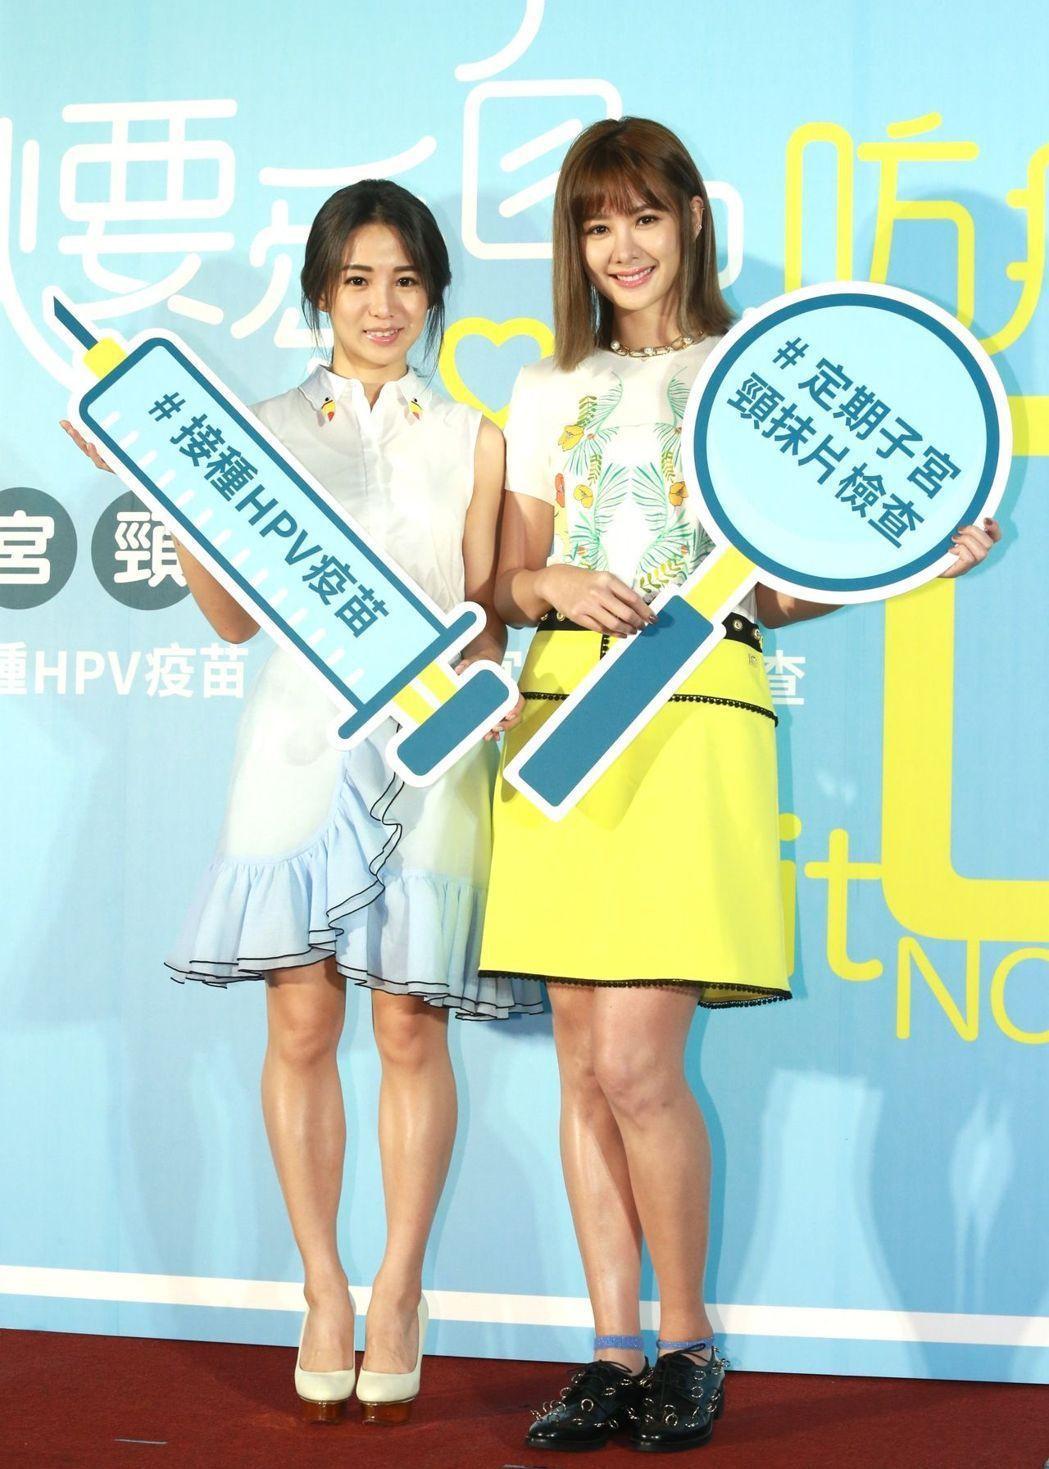 郭書瑤(左)、安心亞兩大女神聯袂出席活動。記者黃義書/攝影